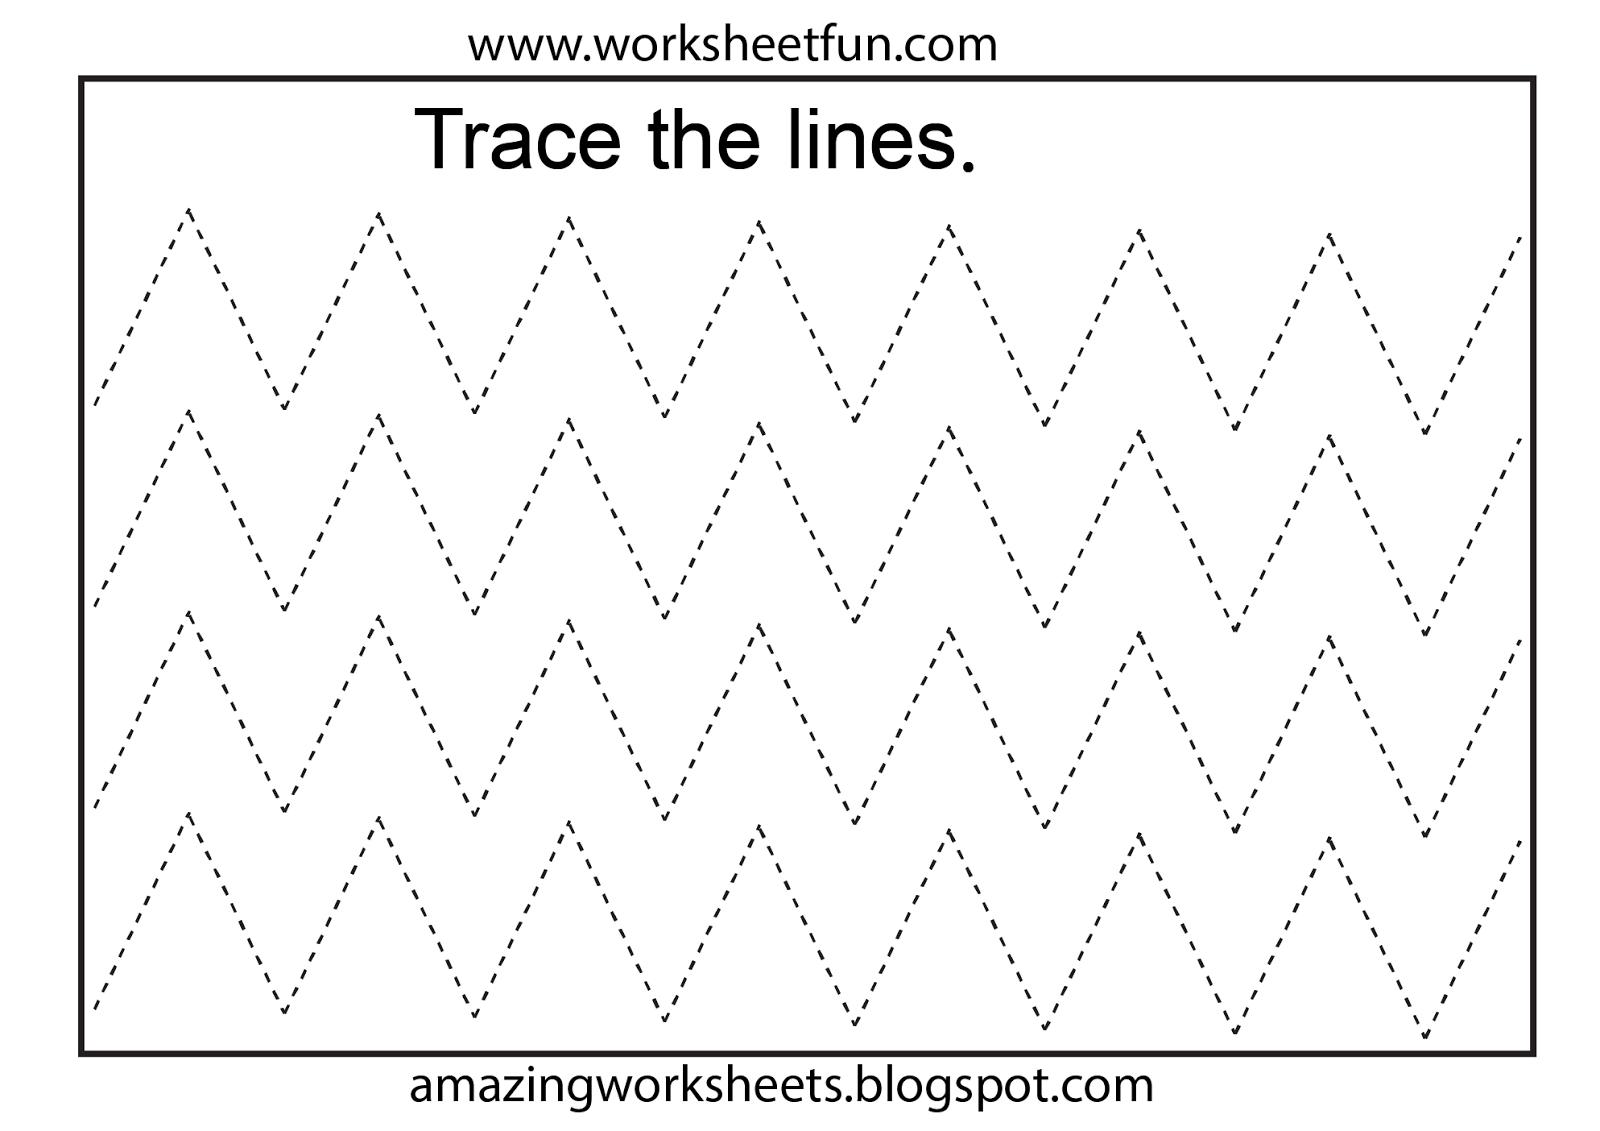 Worksheetfun - Free Printable Worksheets   Toddler Worksheets - Free Printable Tracing Worksheets